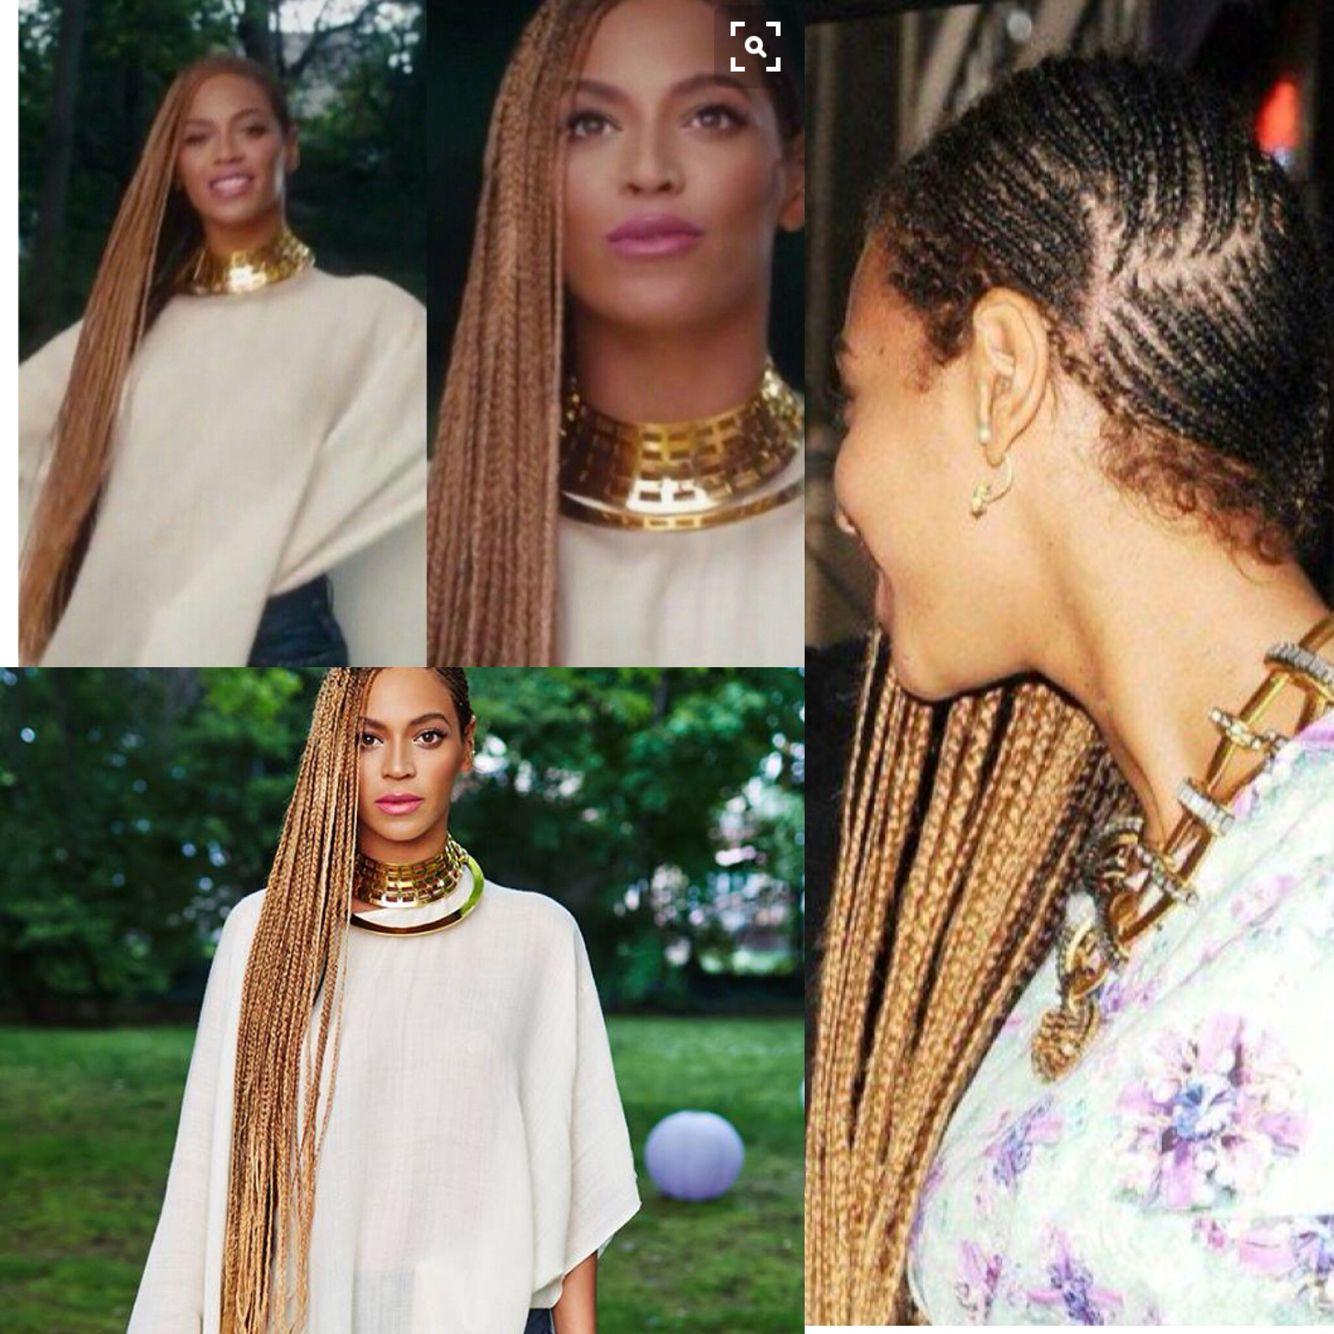 Beyonce Long Cornrows Beyonce Braids Lemonade Braids Hairstyles Beyonce Hair